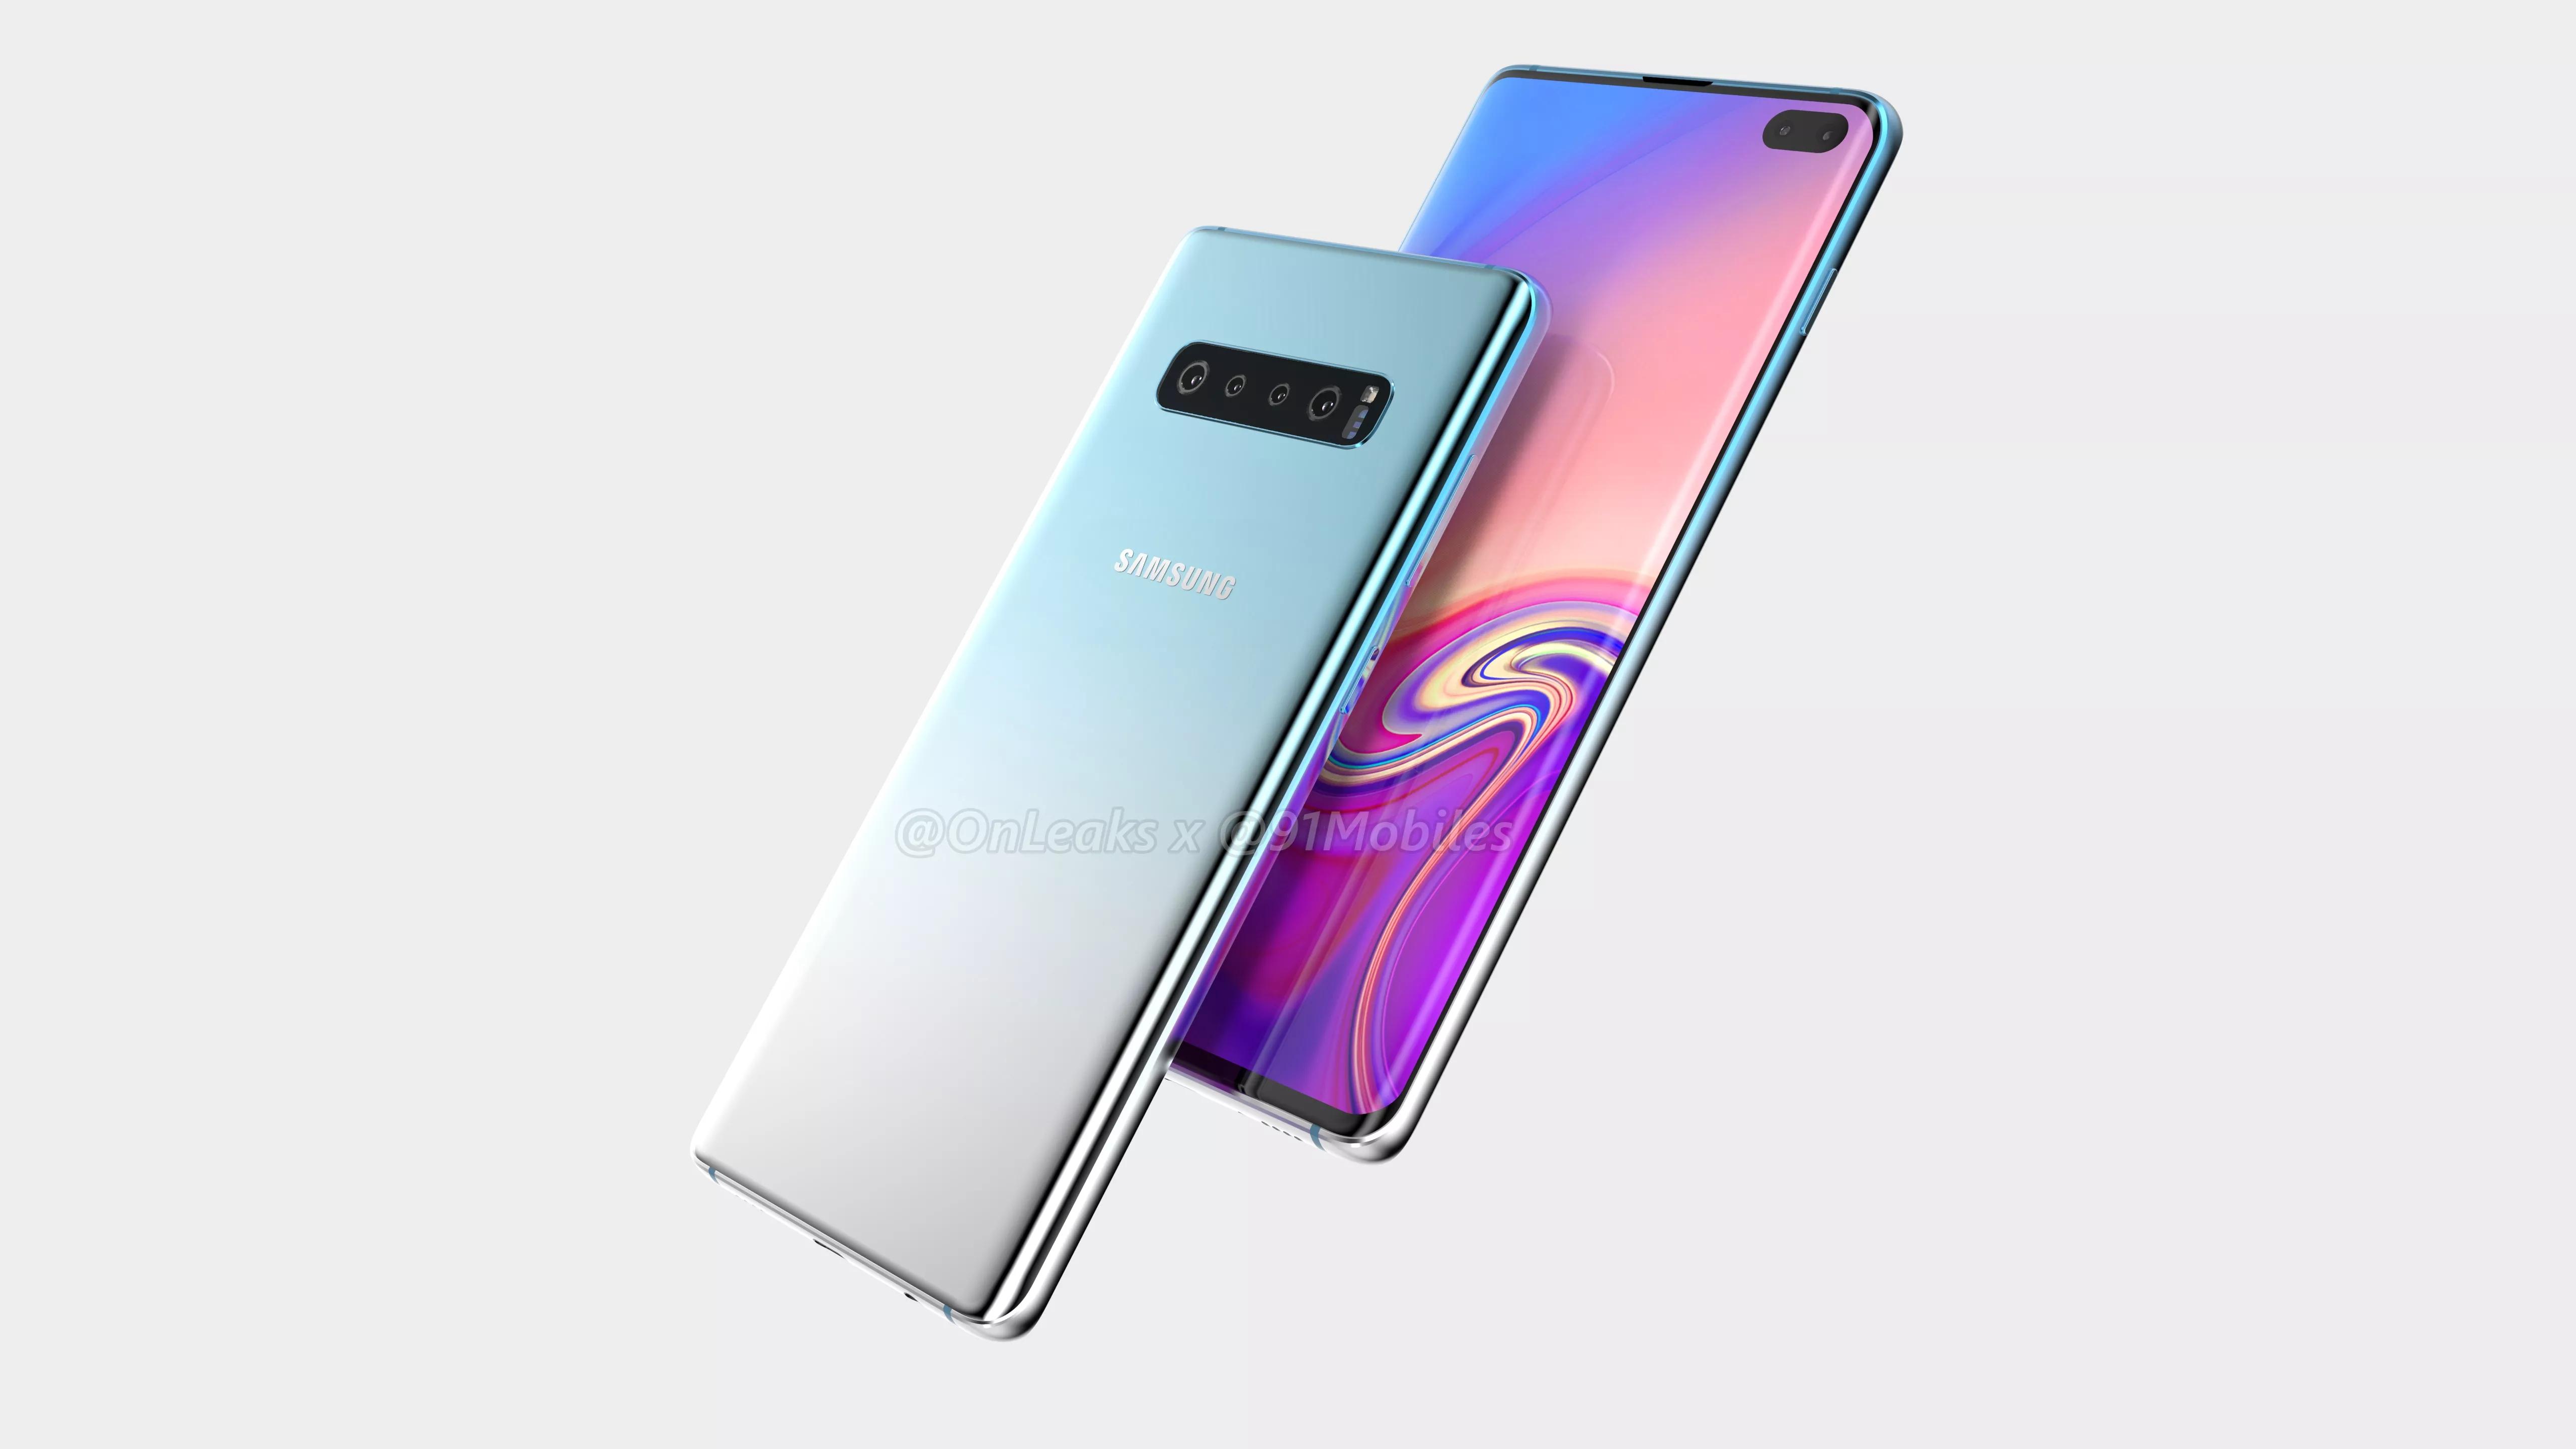 Samsung Galaxy S10 : une cinquième version serait également dans les tuyaux